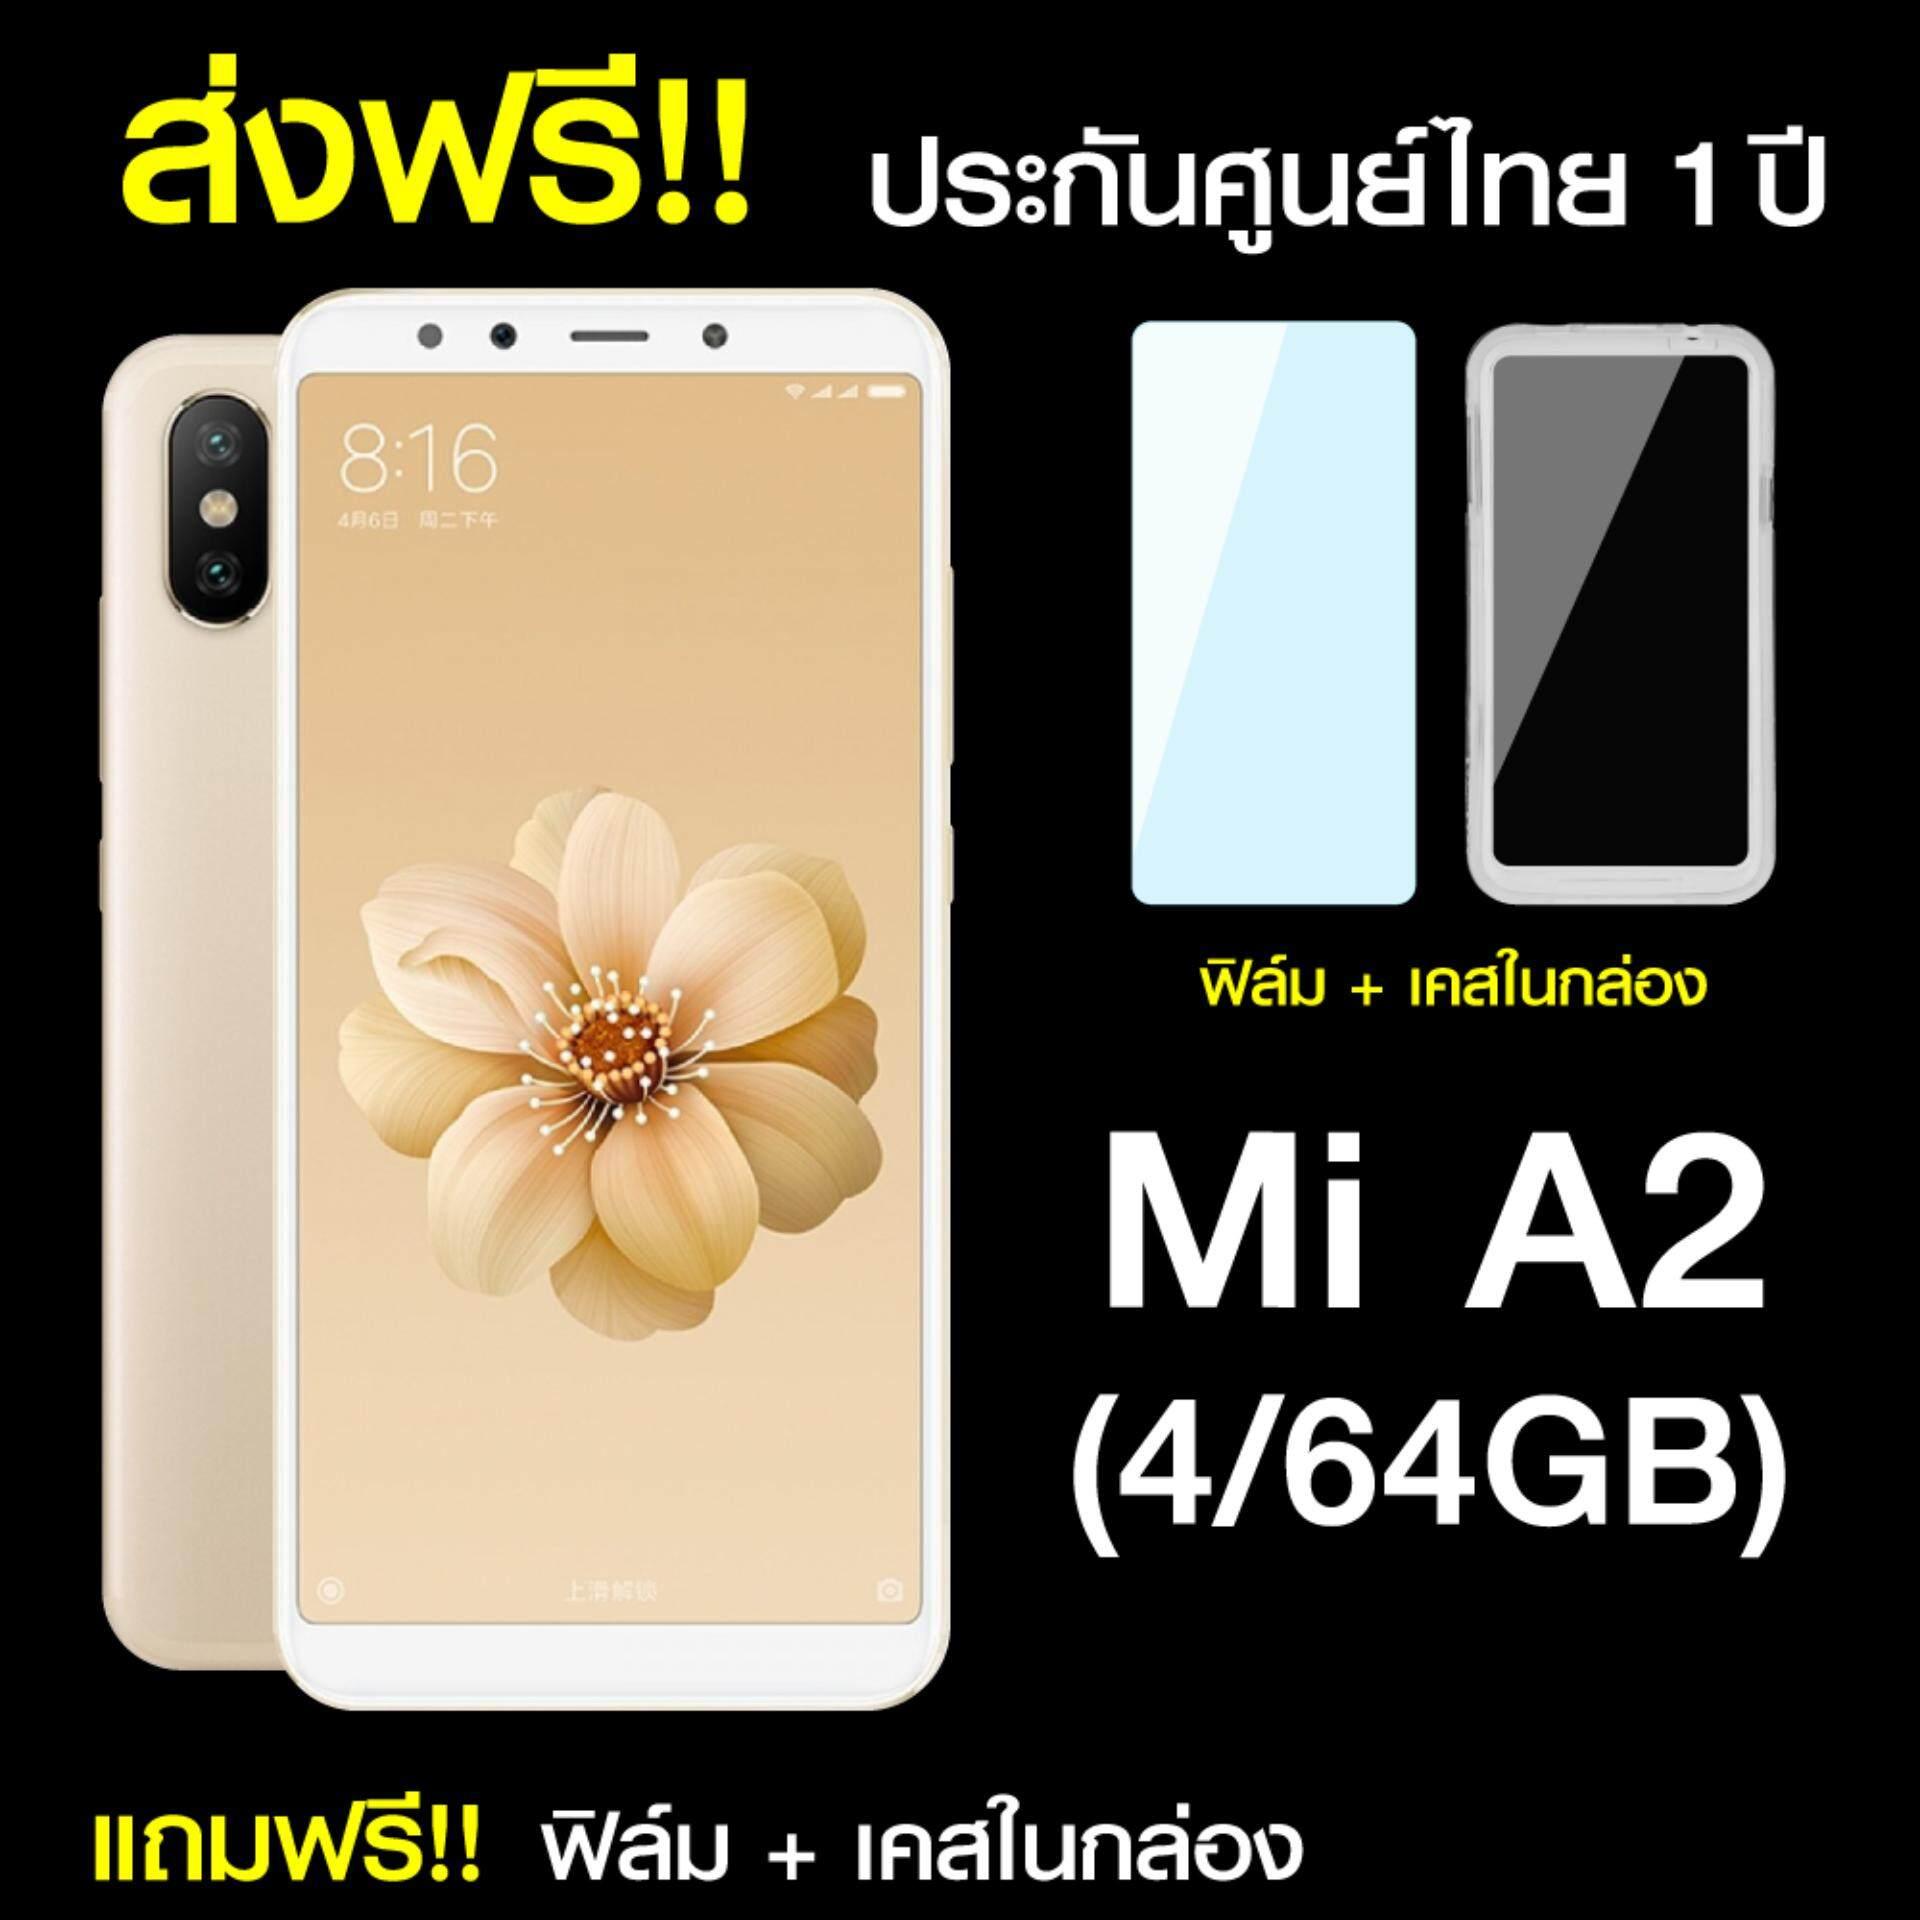 นครราชสีมา 【ส่งฟรี!!】Xiaomi Mi A2 (4/64GB) [[โปรชุดประหยัด]] ฟรี!! ฟิล์มกันรอย + เคสในกล่อง [[ รับประกันศูนย์ไทย 1 ปีเต็ม!! ]] / ShoppingD